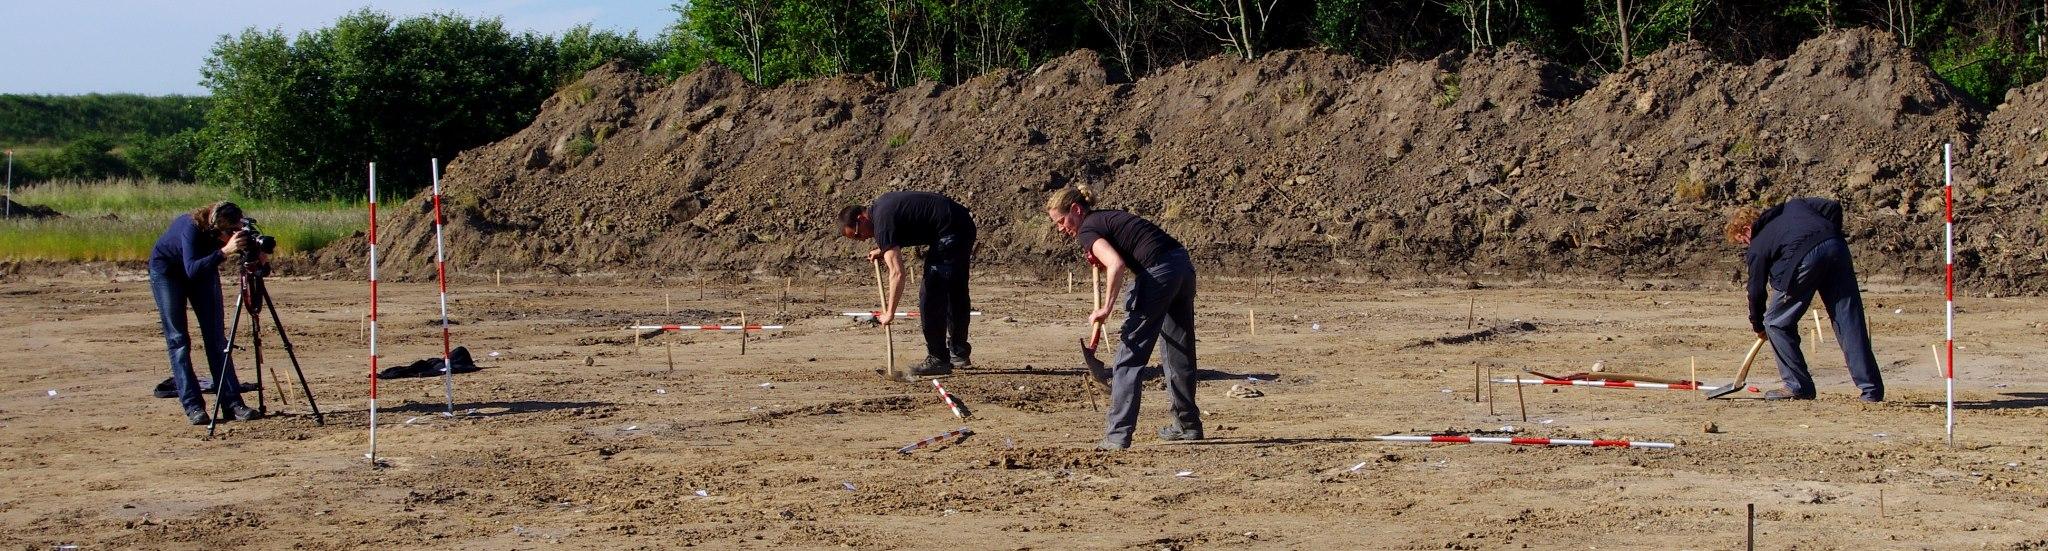 FaF seminar: Arkæologien i en verden i forandring